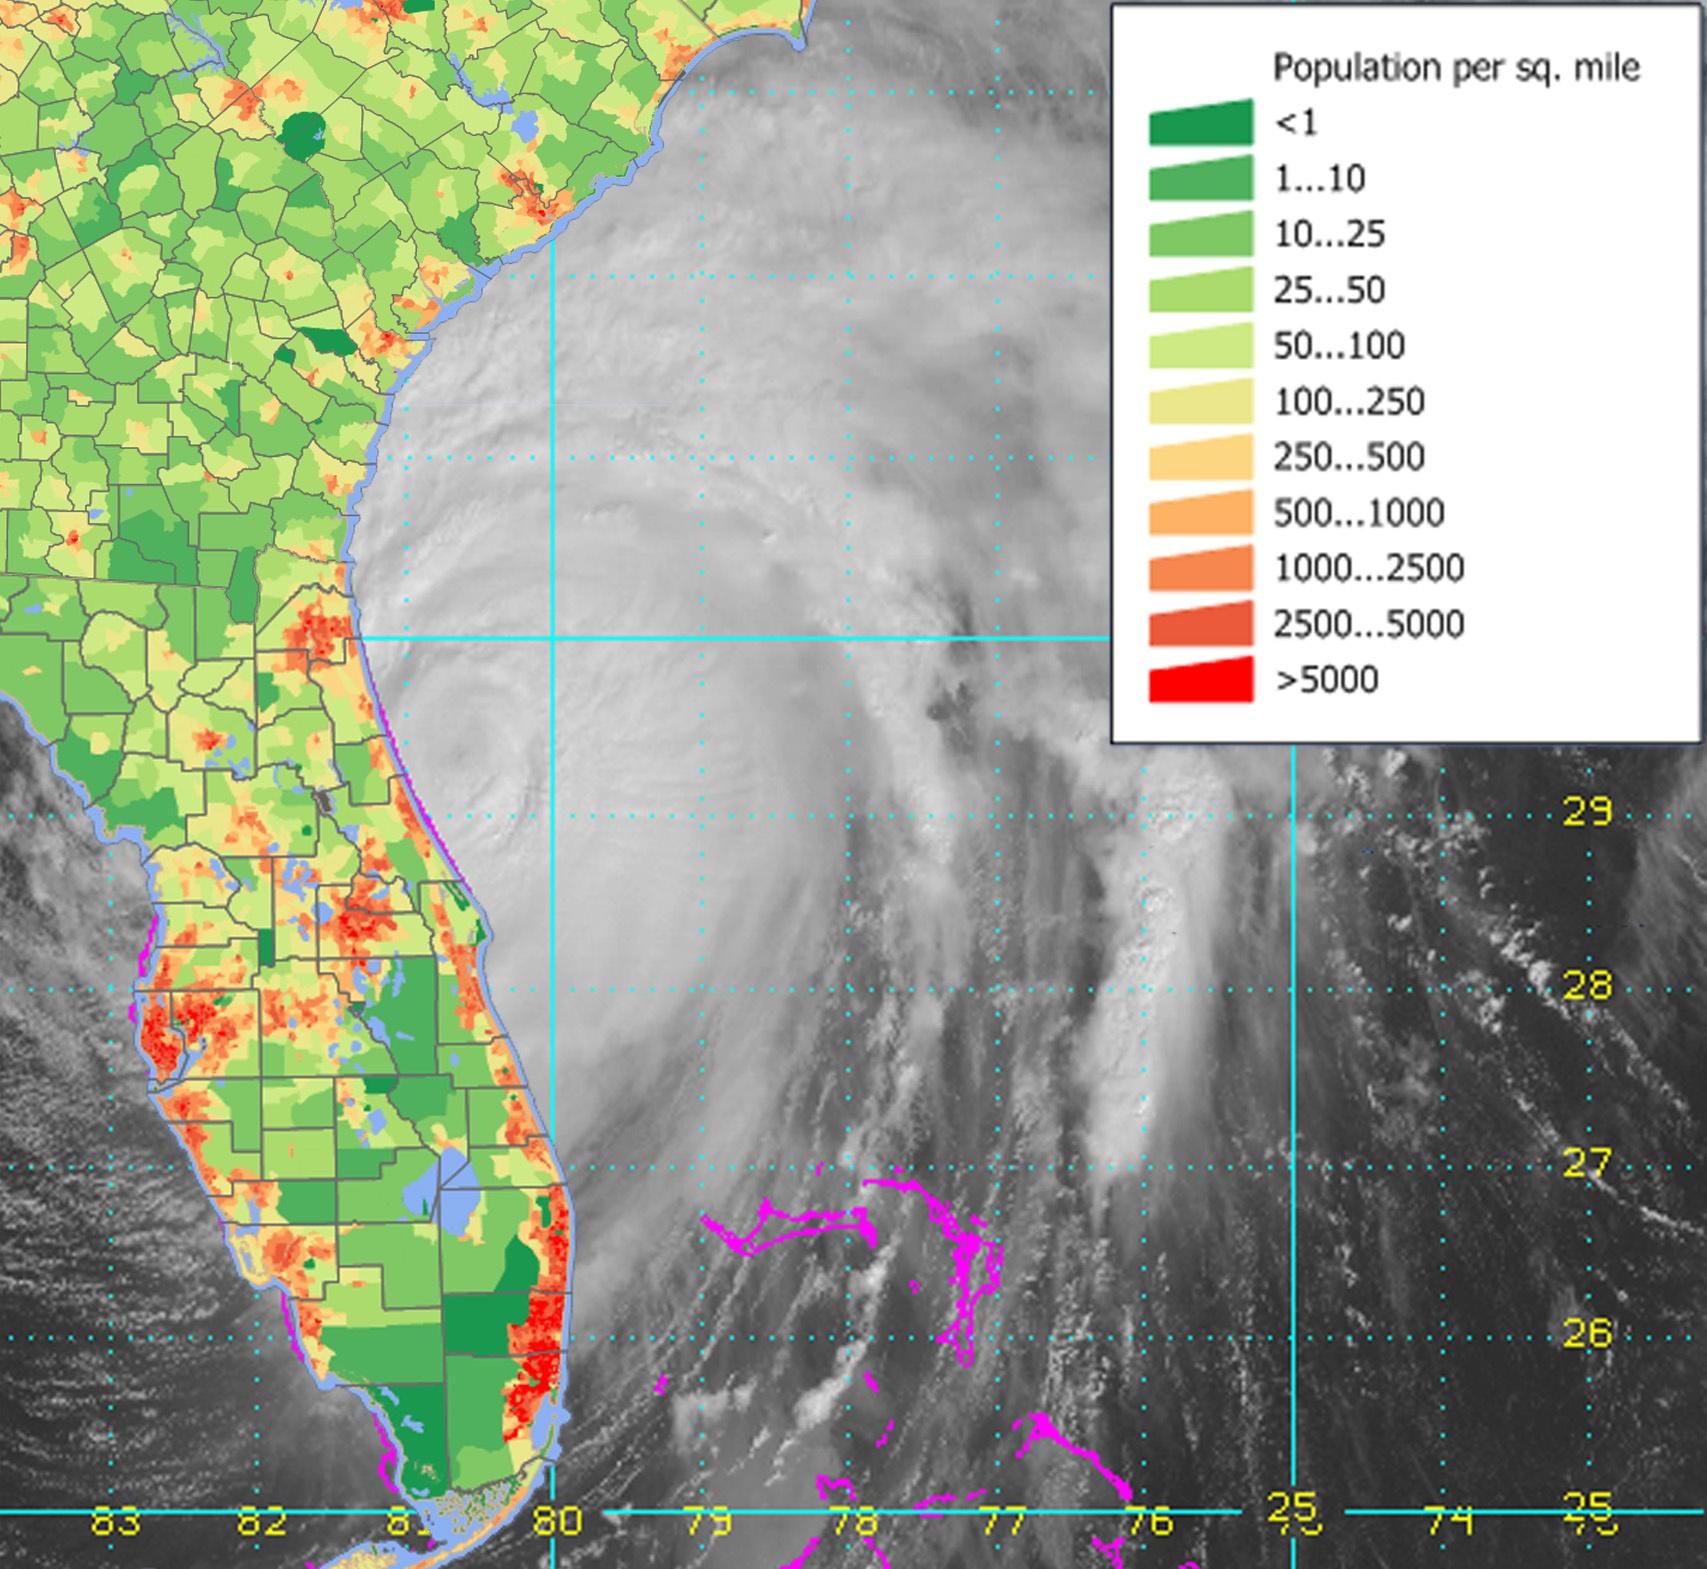 http://cdn2.hubspot.net/hubfs/604407/blog-files/hurricane_population.jpg